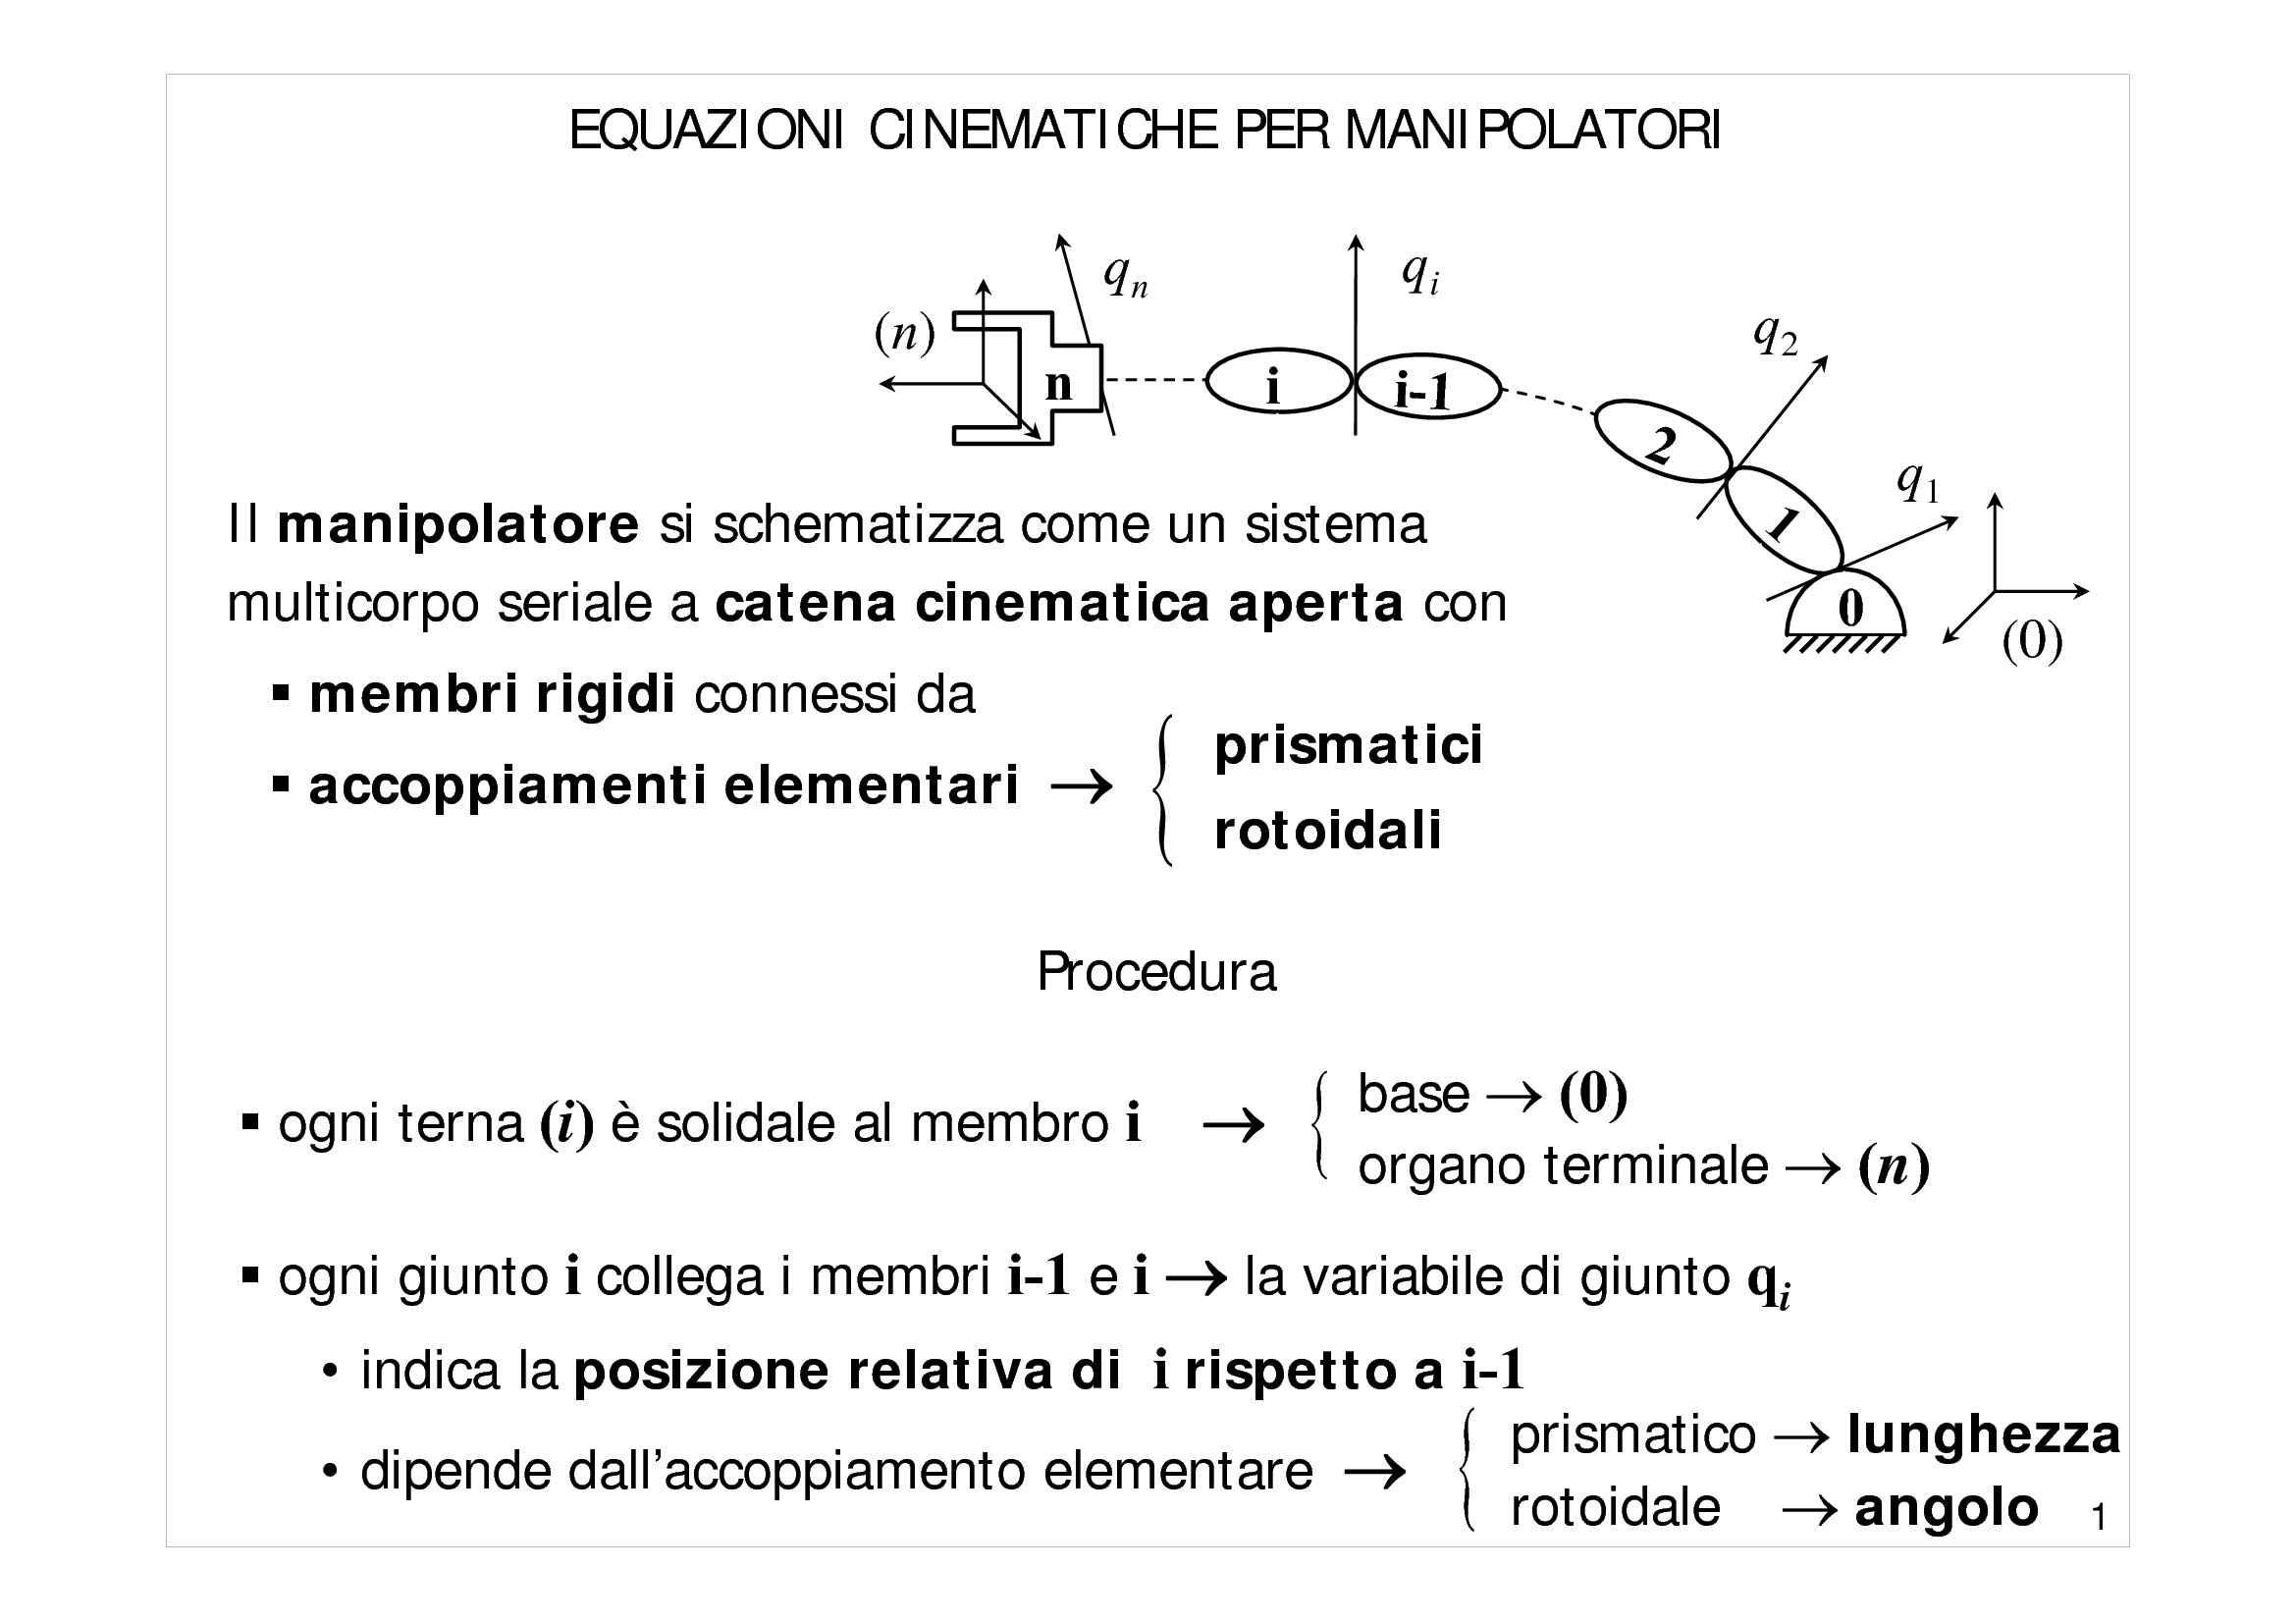 Equazioni cinematiche per manipolatori